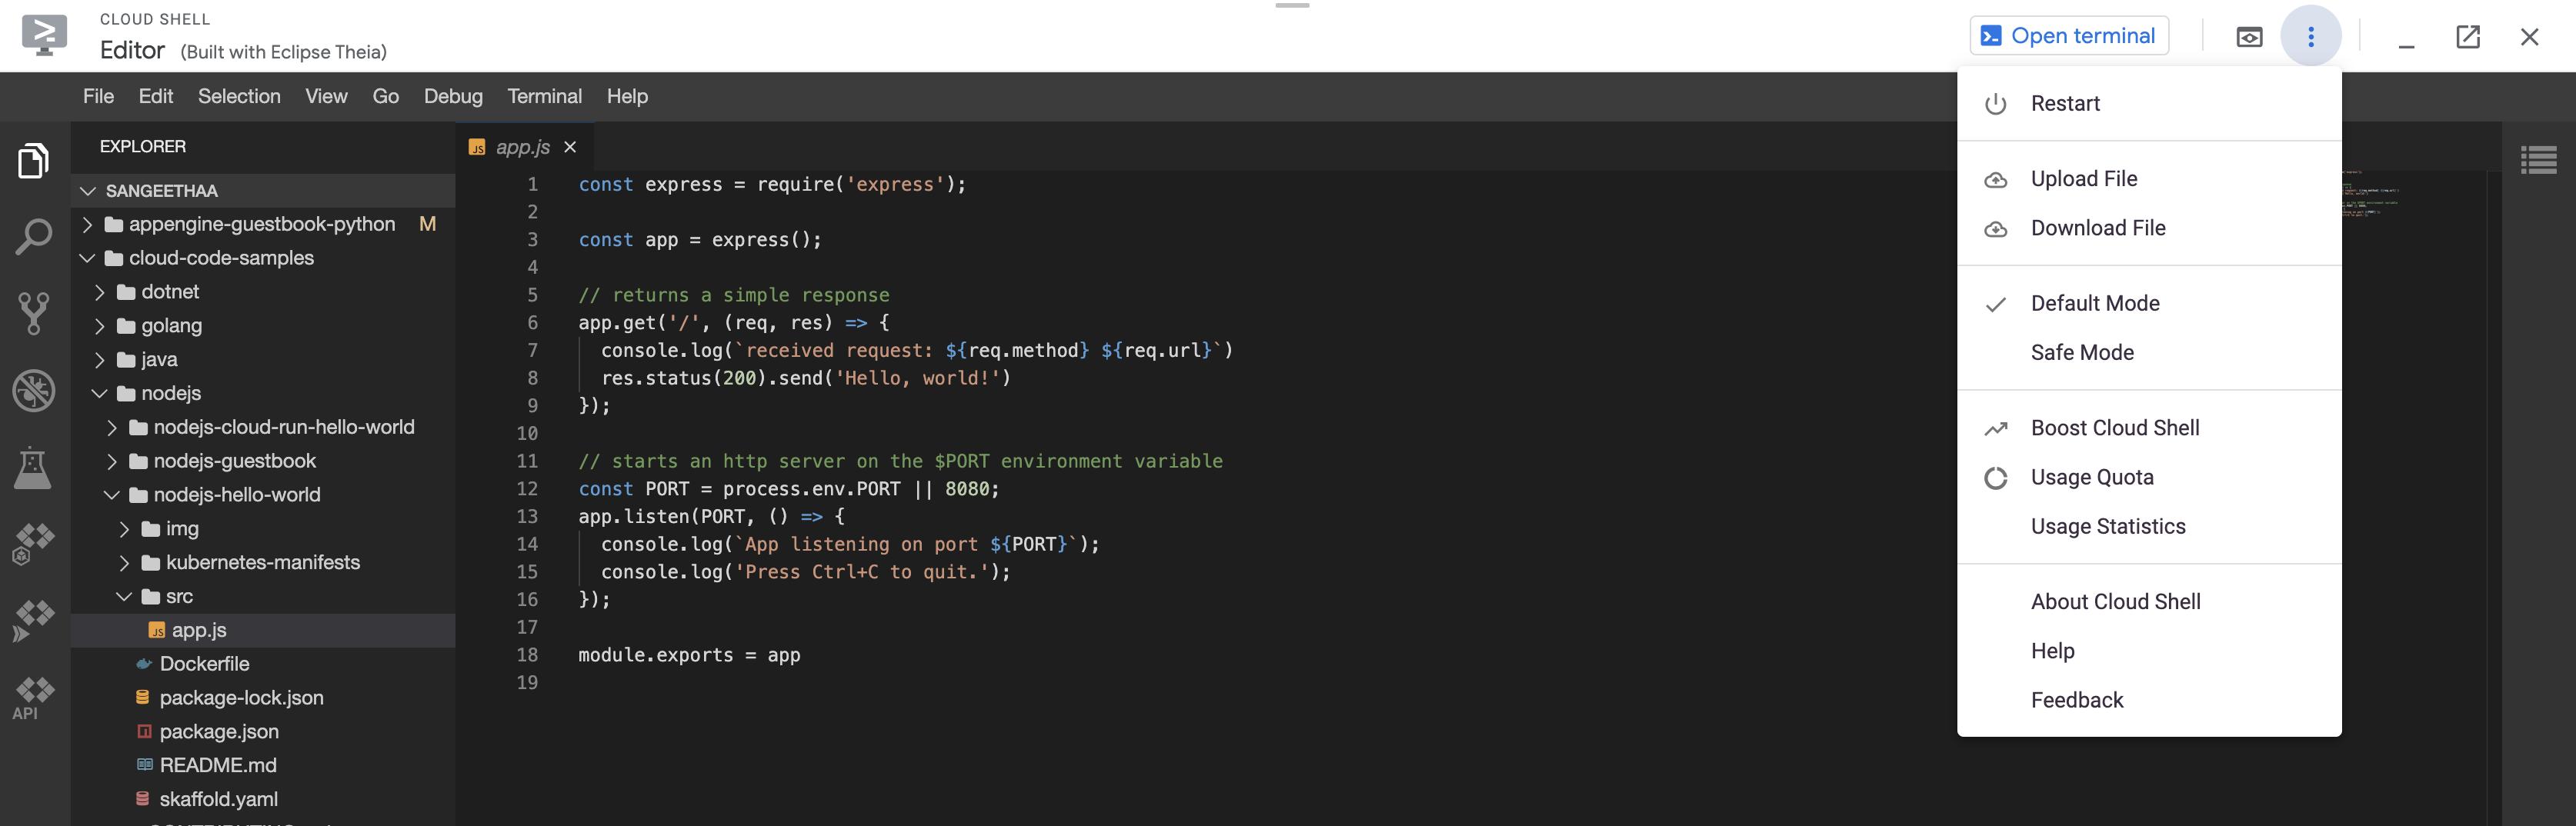 Session CloudShell avec éditeur de code